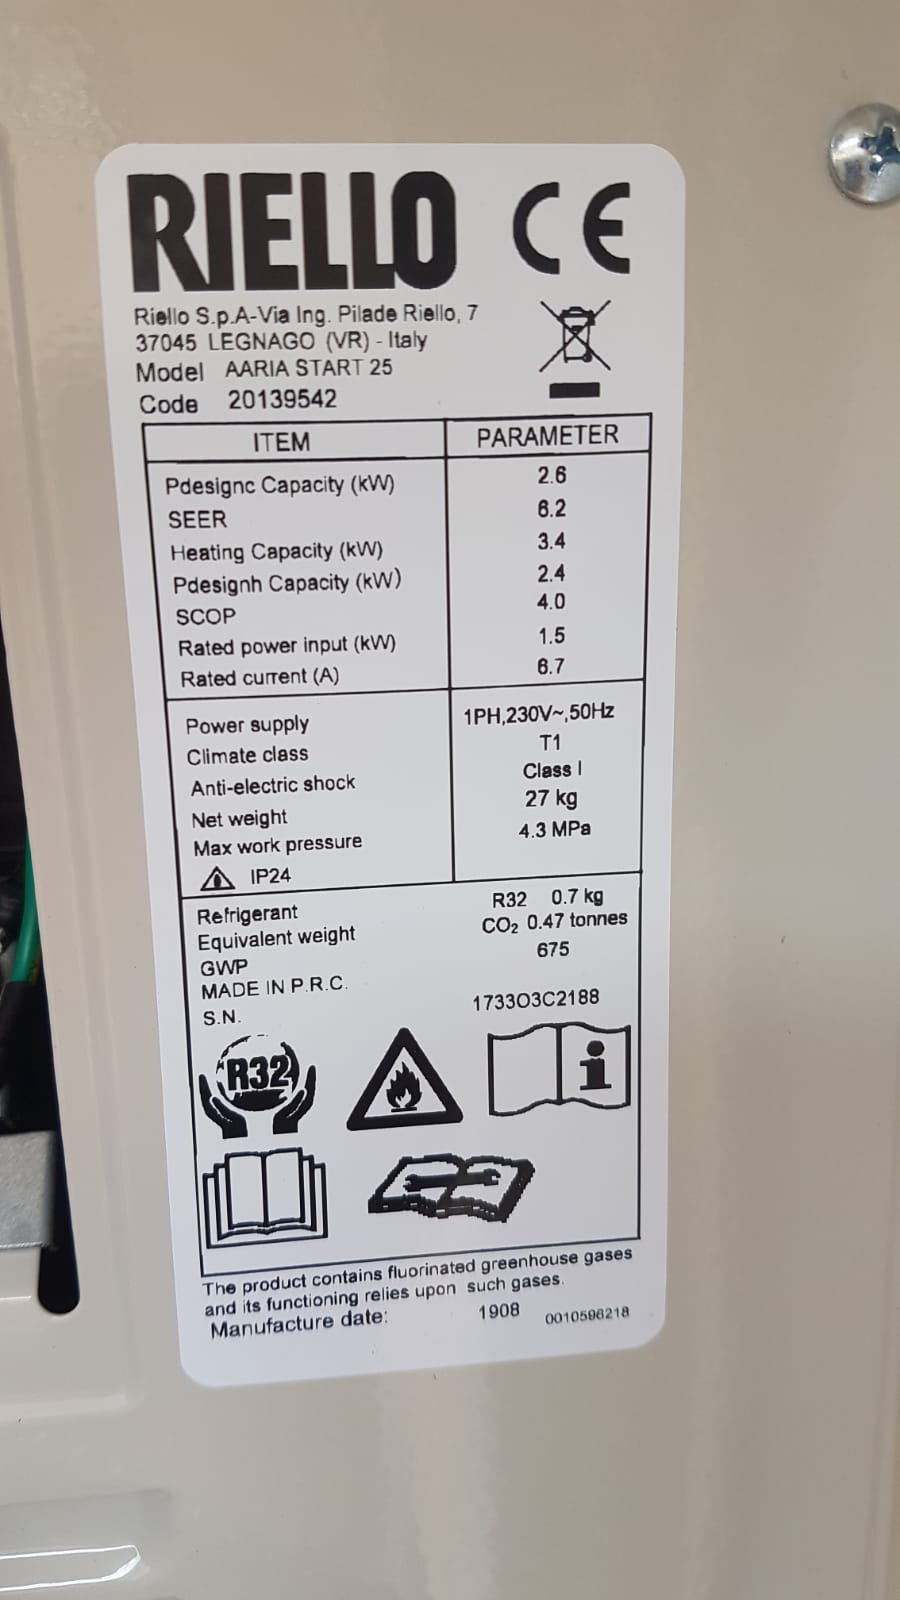 Etichetta caratteristiche tecniche Climatizzatori RIELLO Installati